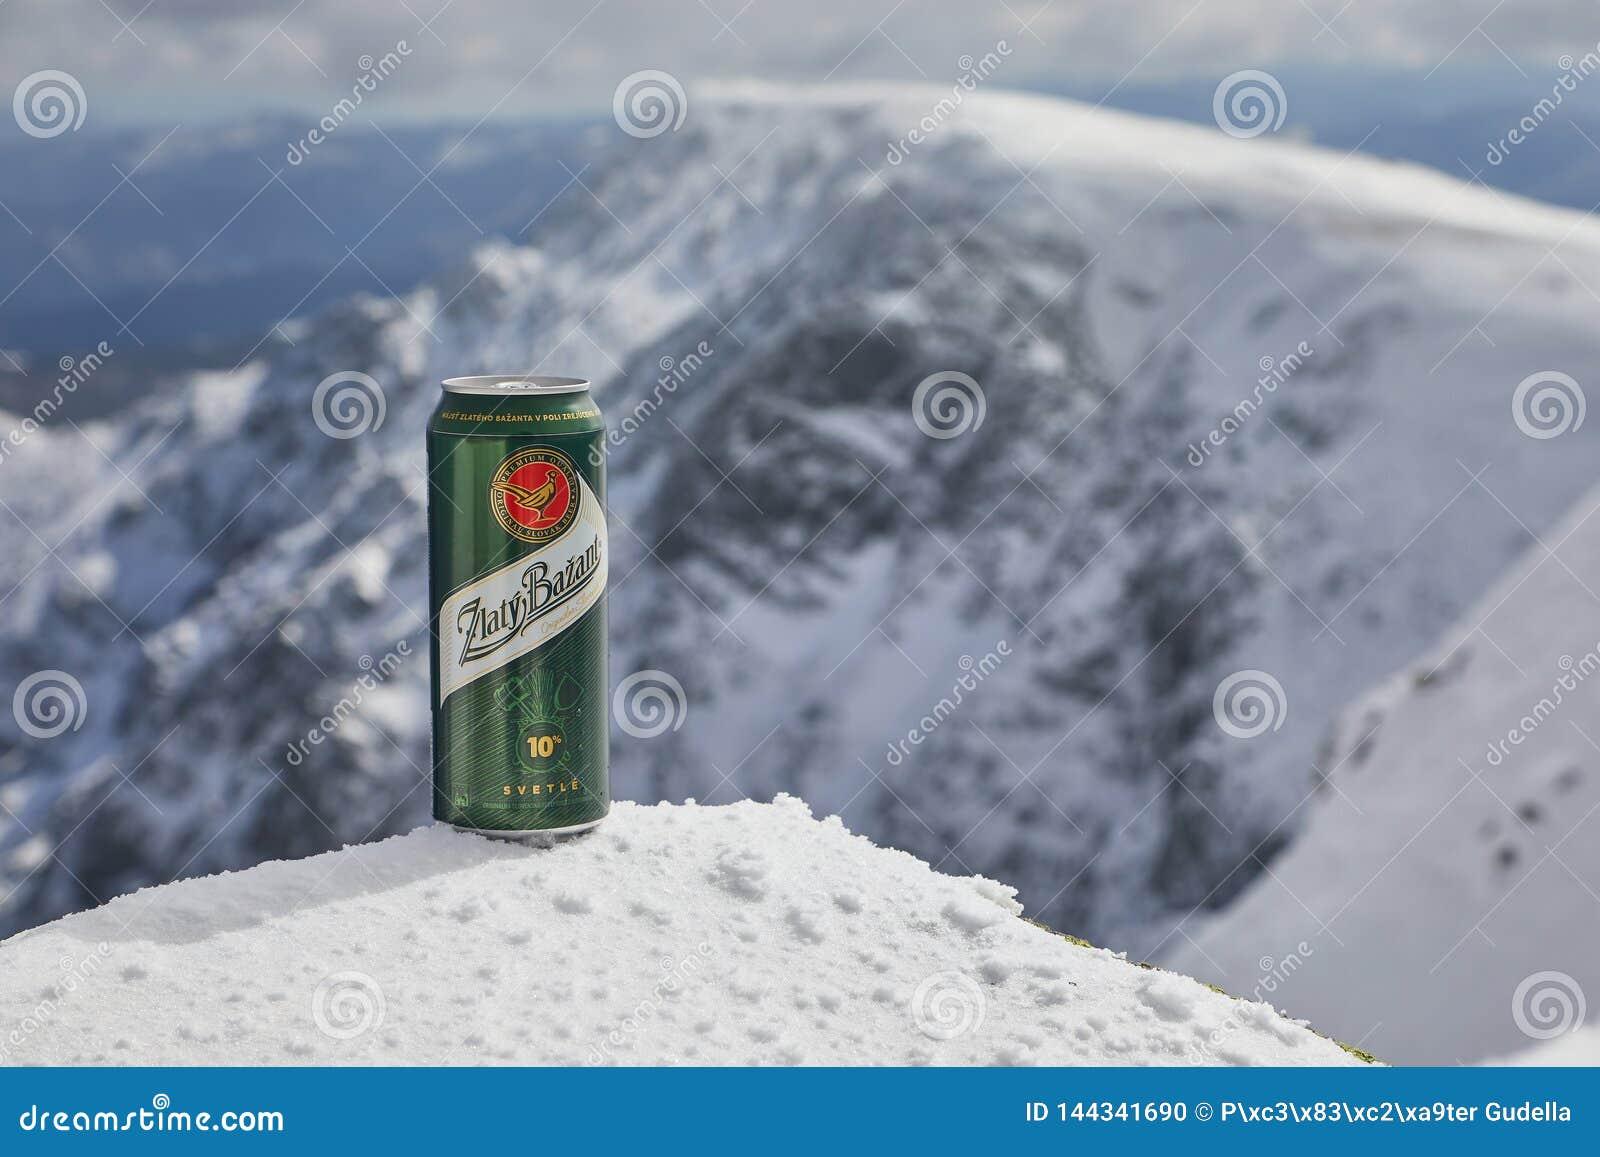 A puszka Zlaty Bazant piwo na górze